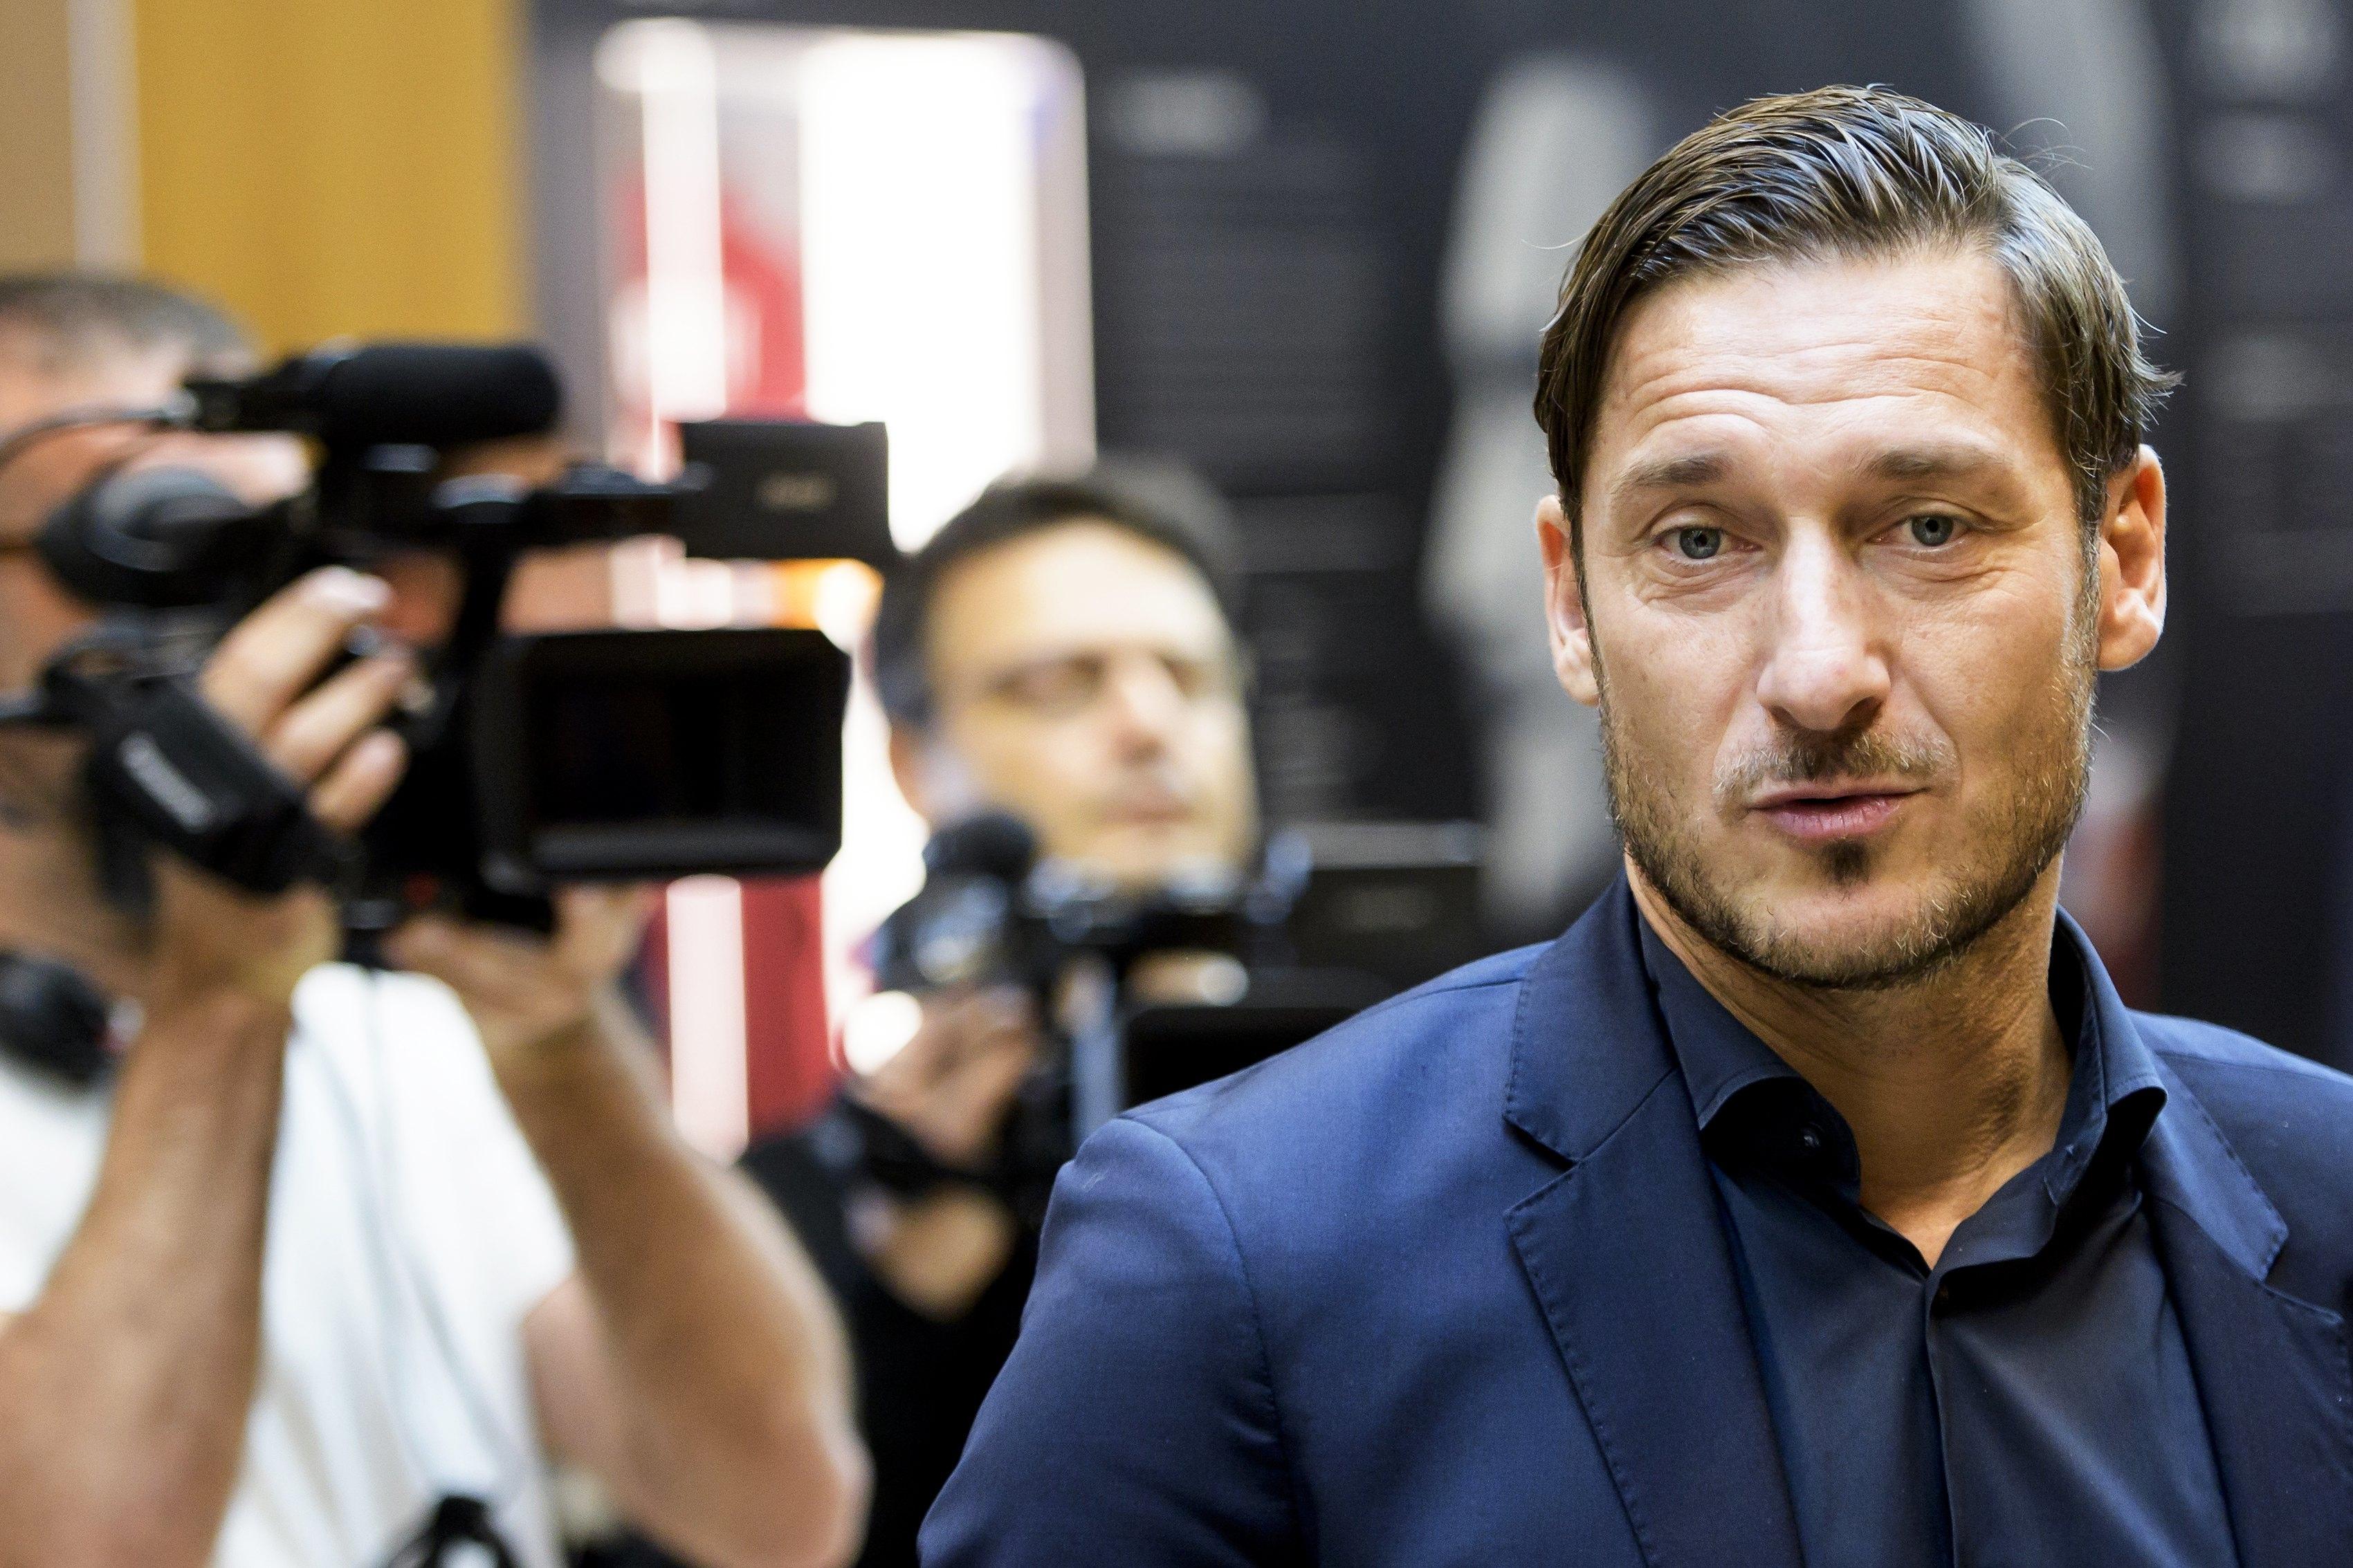 Totti terminou a carreira de jogador e assumiu funções como dirigente da  Roma. Foto  Jean Christophe Bott EPA a83154dd4d519